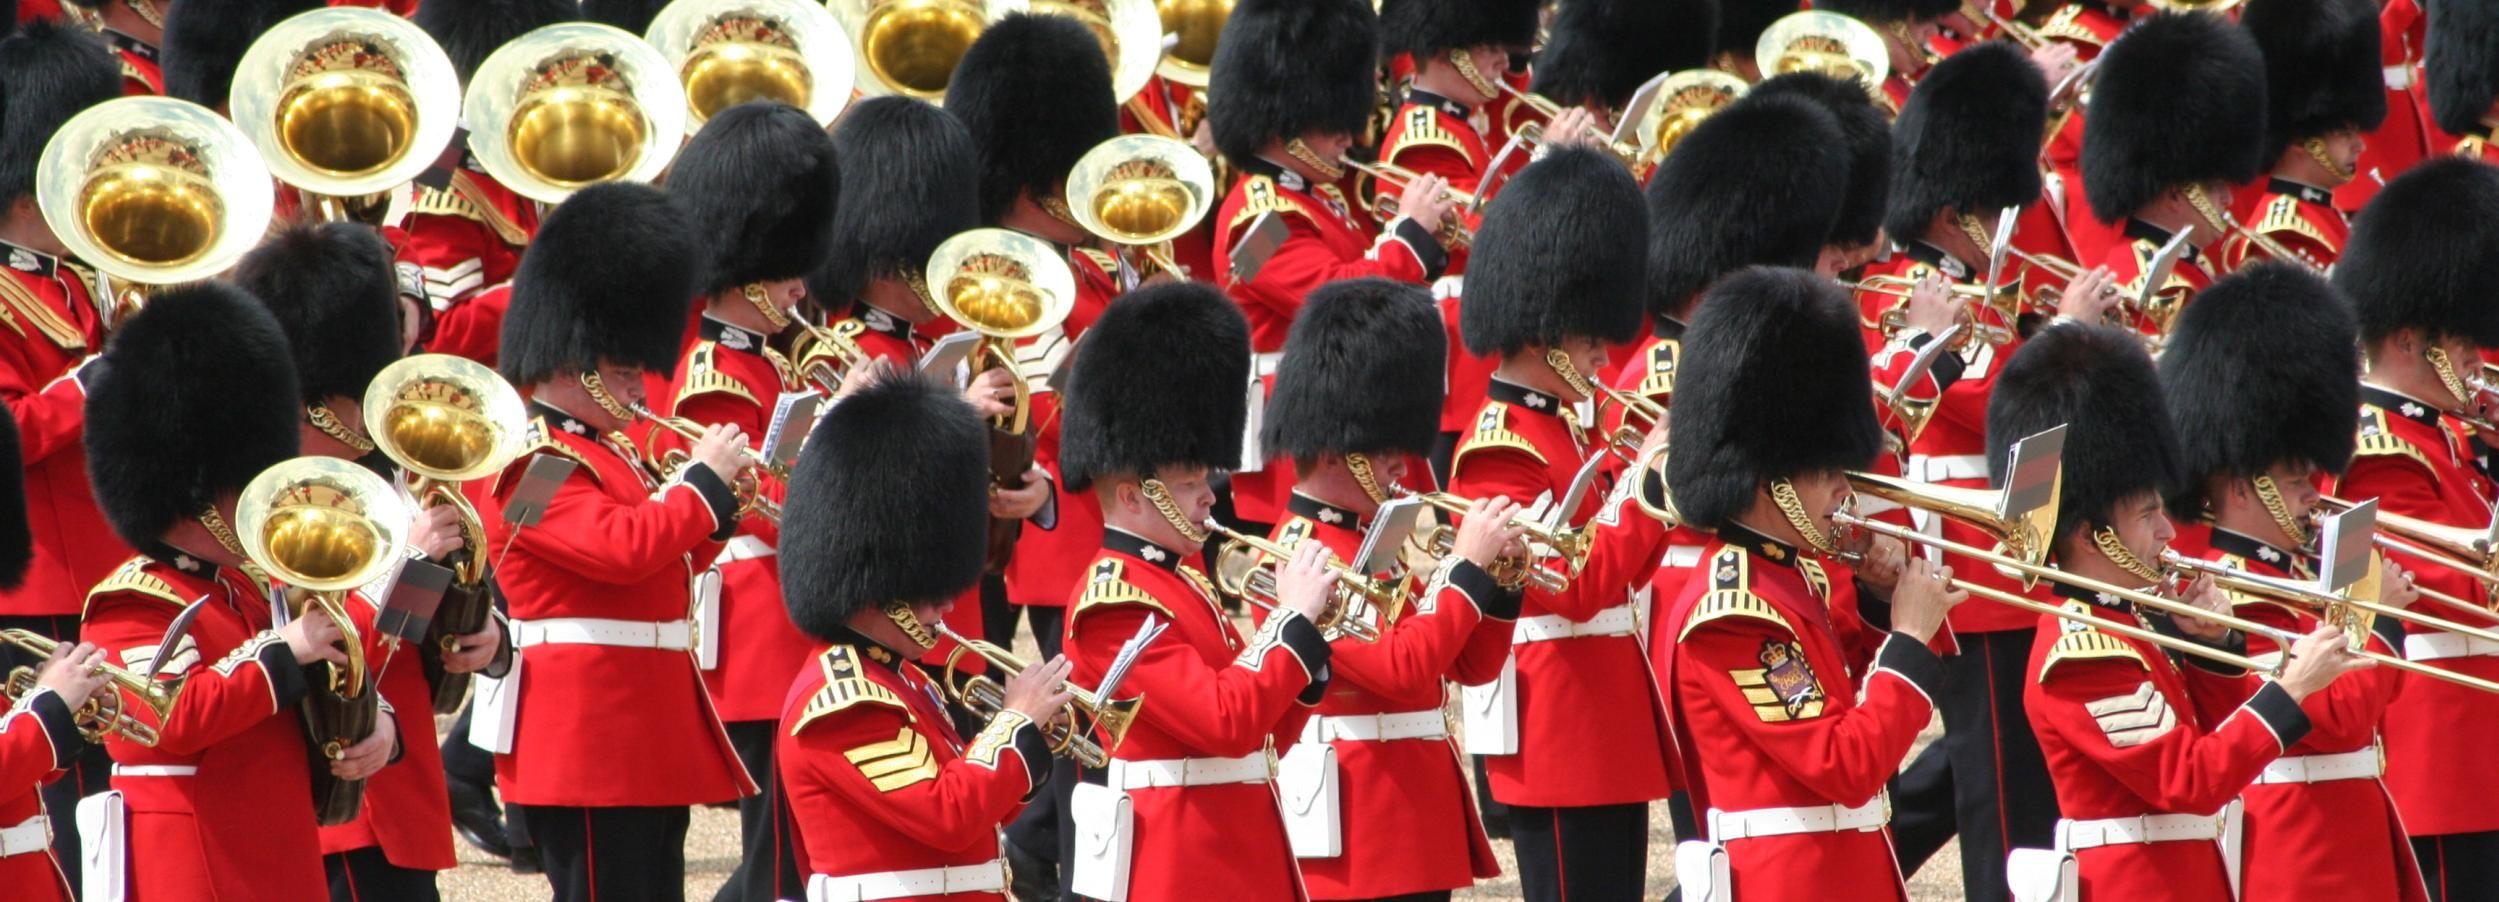 Londra: Buckingham Palace Cambio del tour guidato della guardia